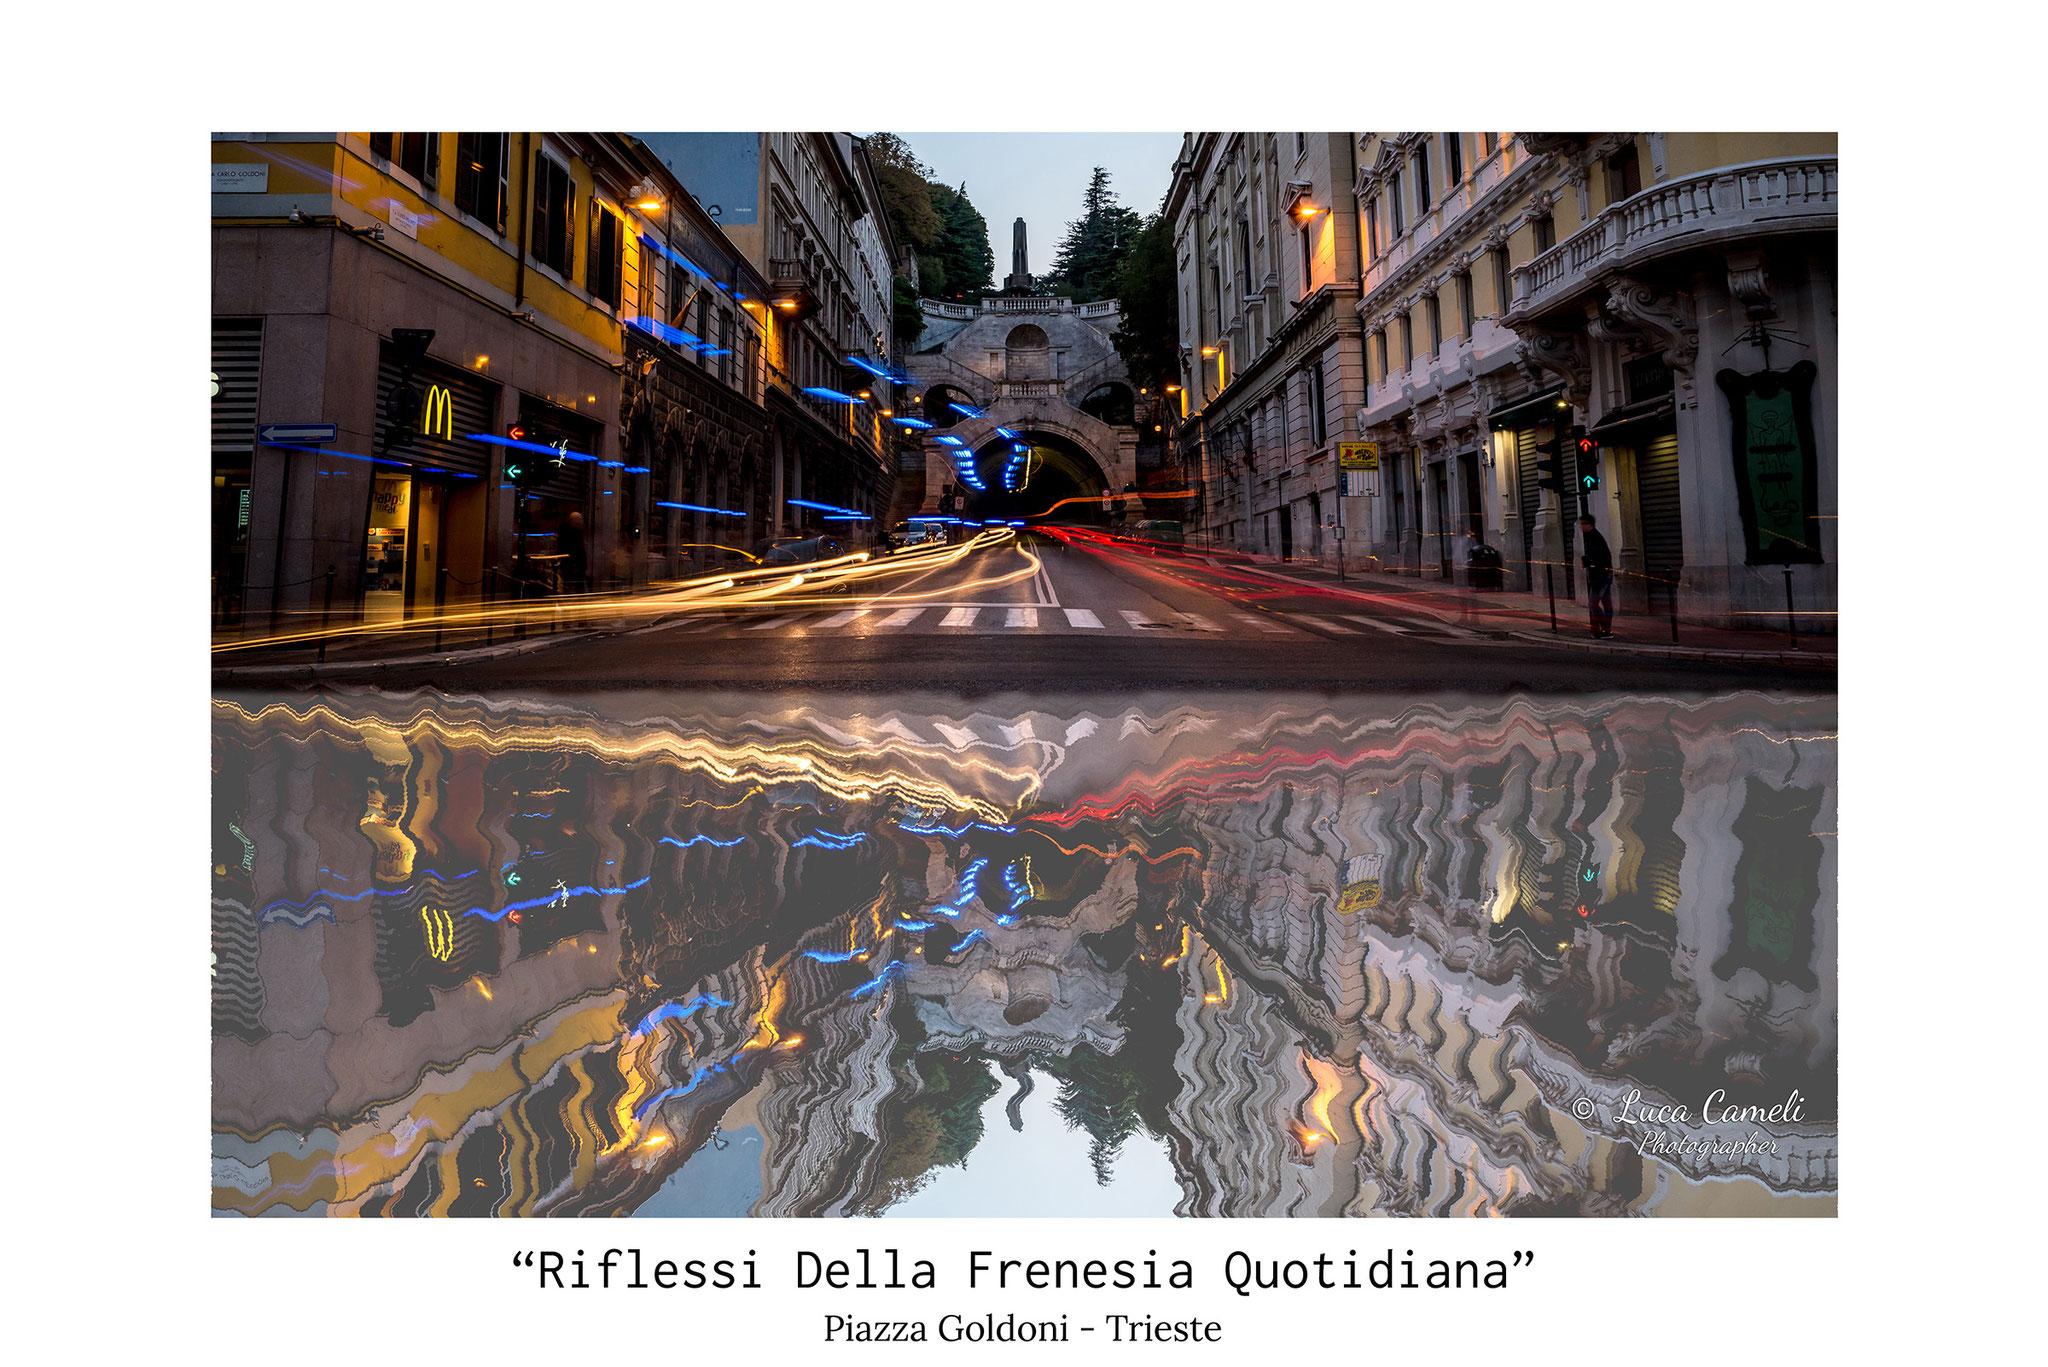 """""""Riflessi Della Frenesia Quotidiana"""", Trieste, Piazza Goldondi con al centro, sopra la galleria, la fontana e """"La Scala Dei Giganti. © Luca Cameli Photographer"""